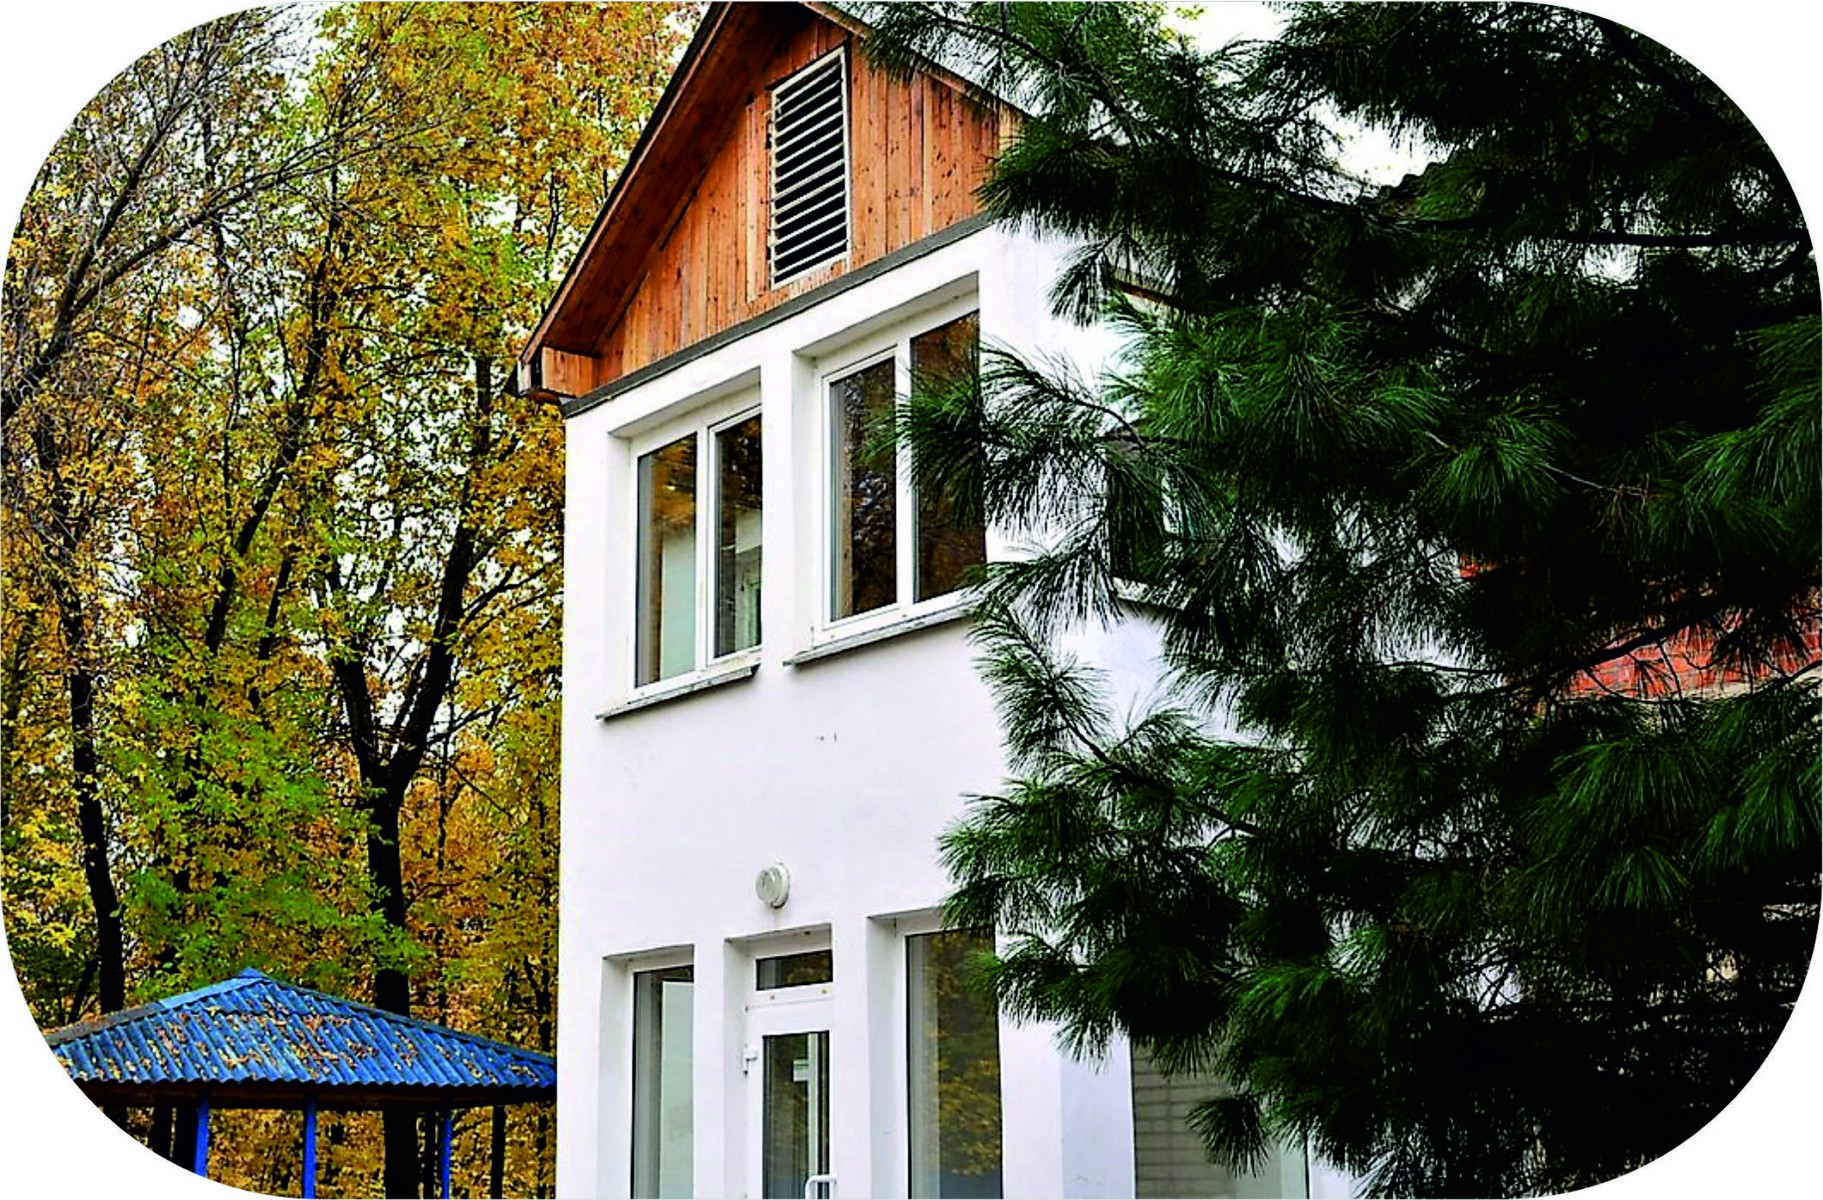 Янтарь, гостевой дом - №1